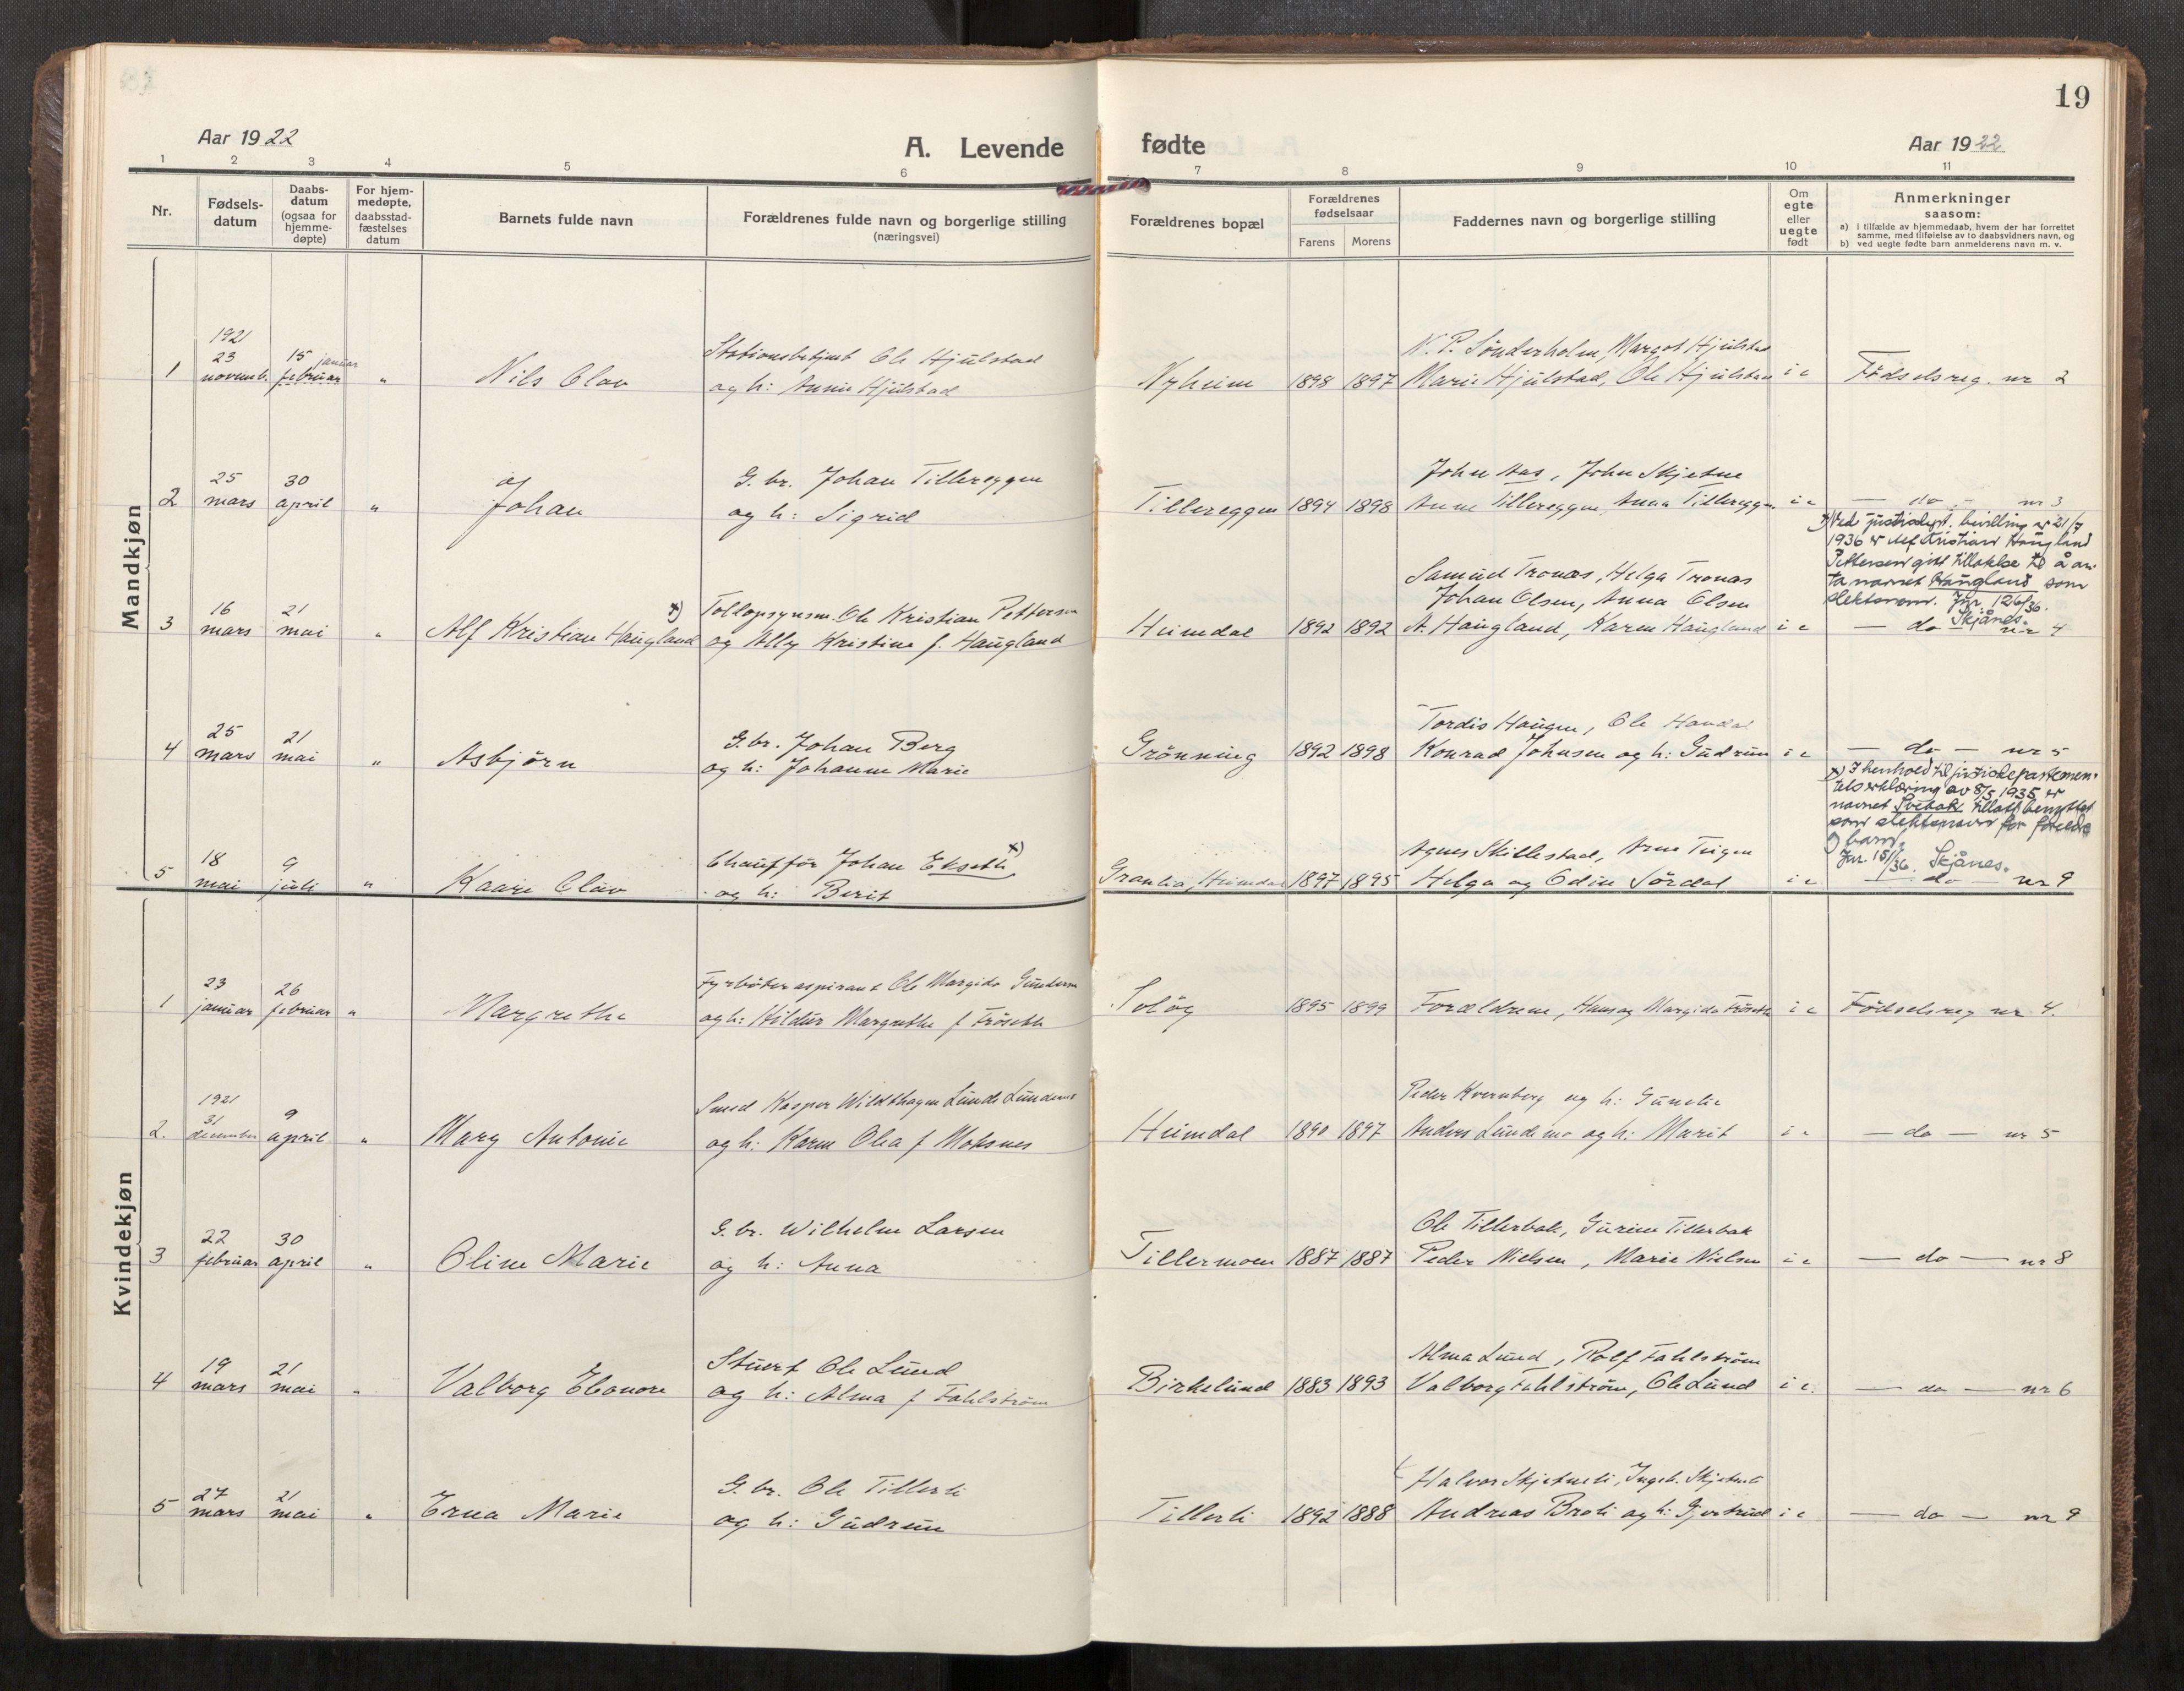 SAT, Klæbu sokneprestkontor, Parish register (official) no. 3, 1917-1924, p. 19